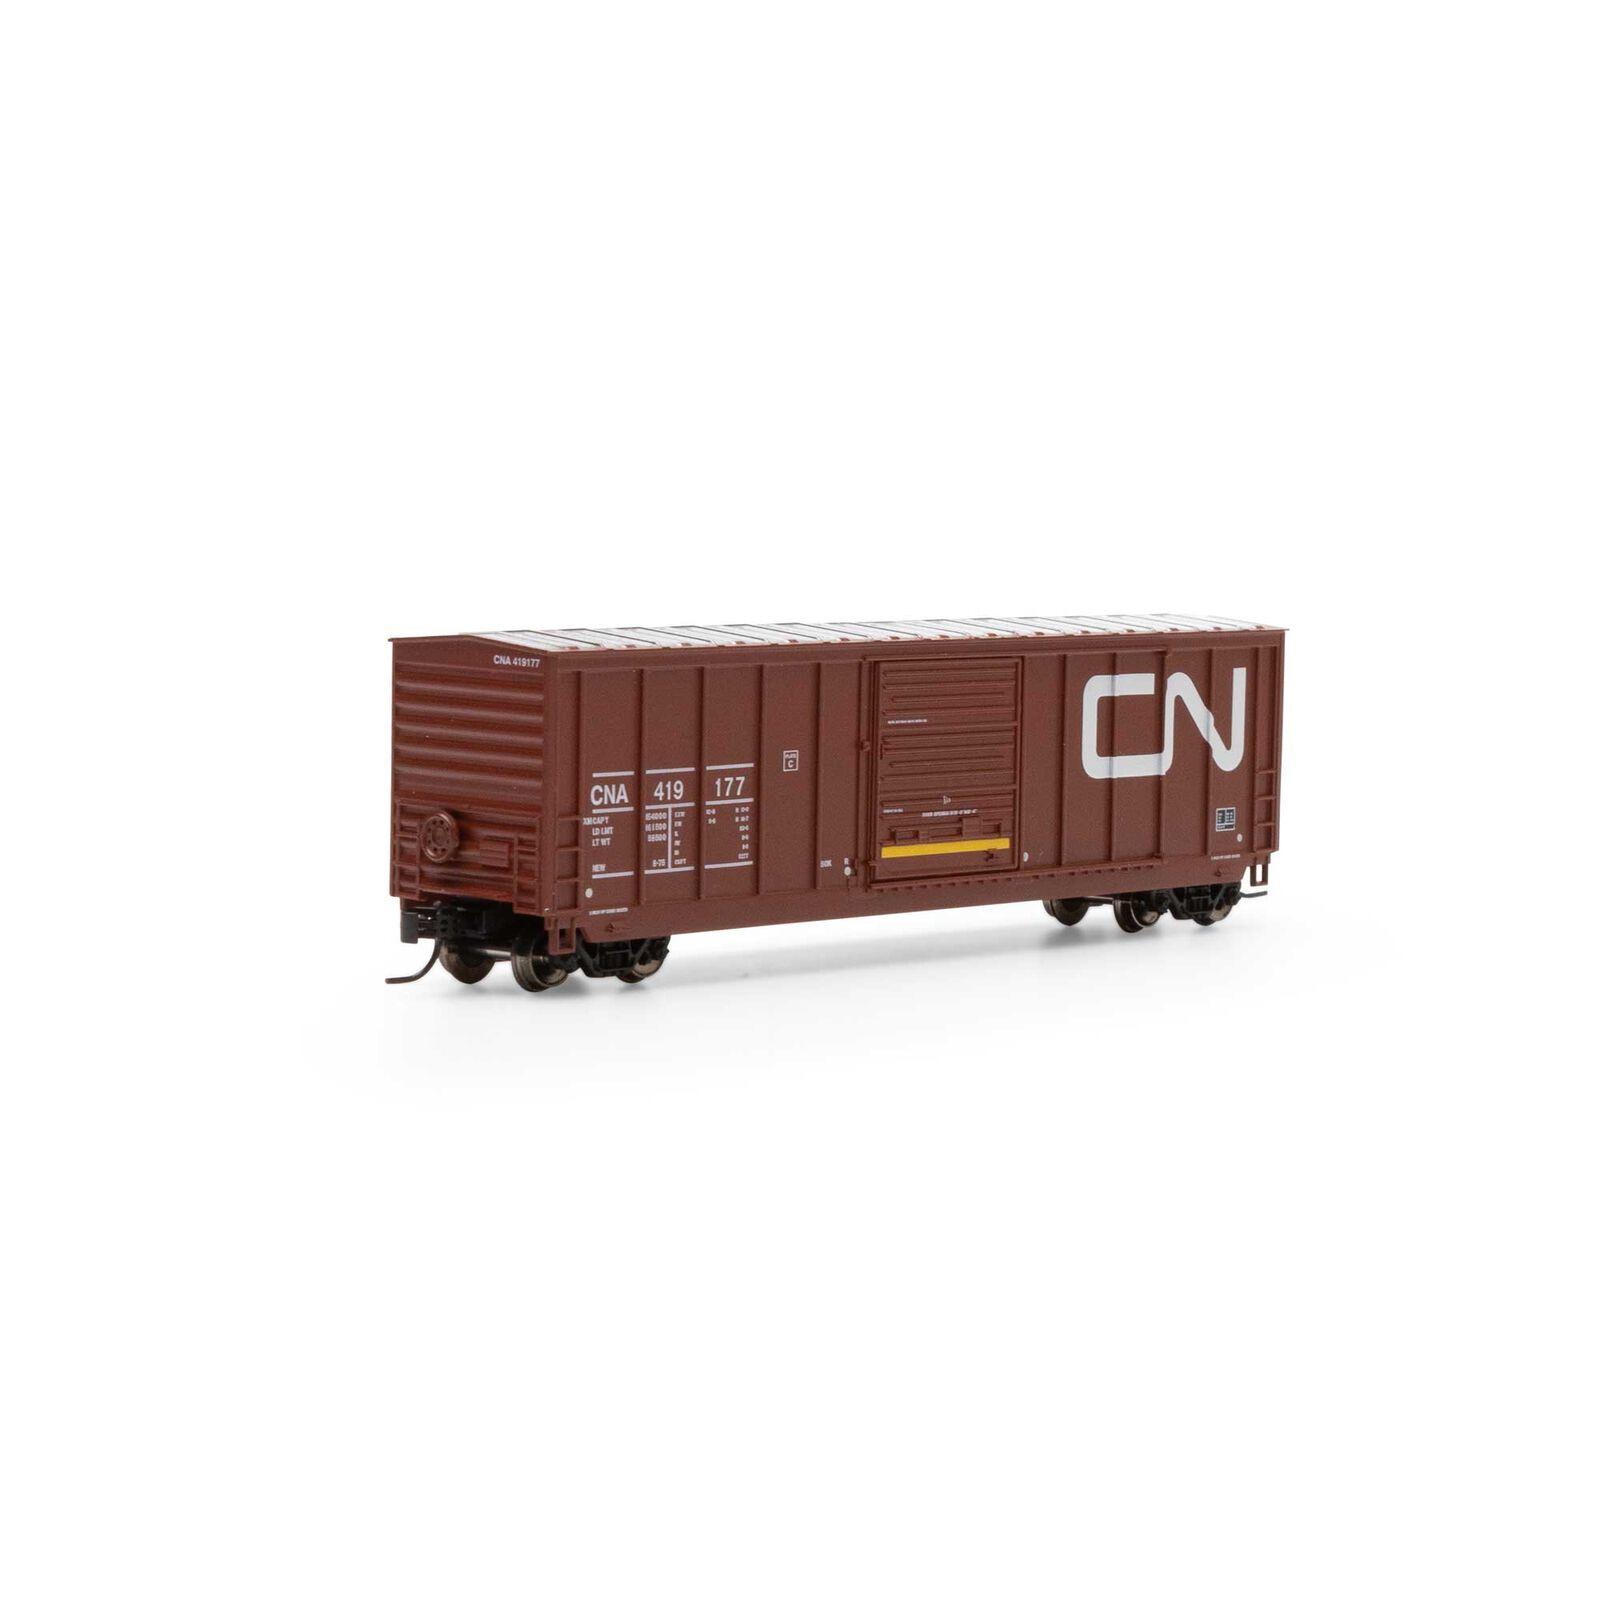 N 50' PS 5277 Box, CN #419177